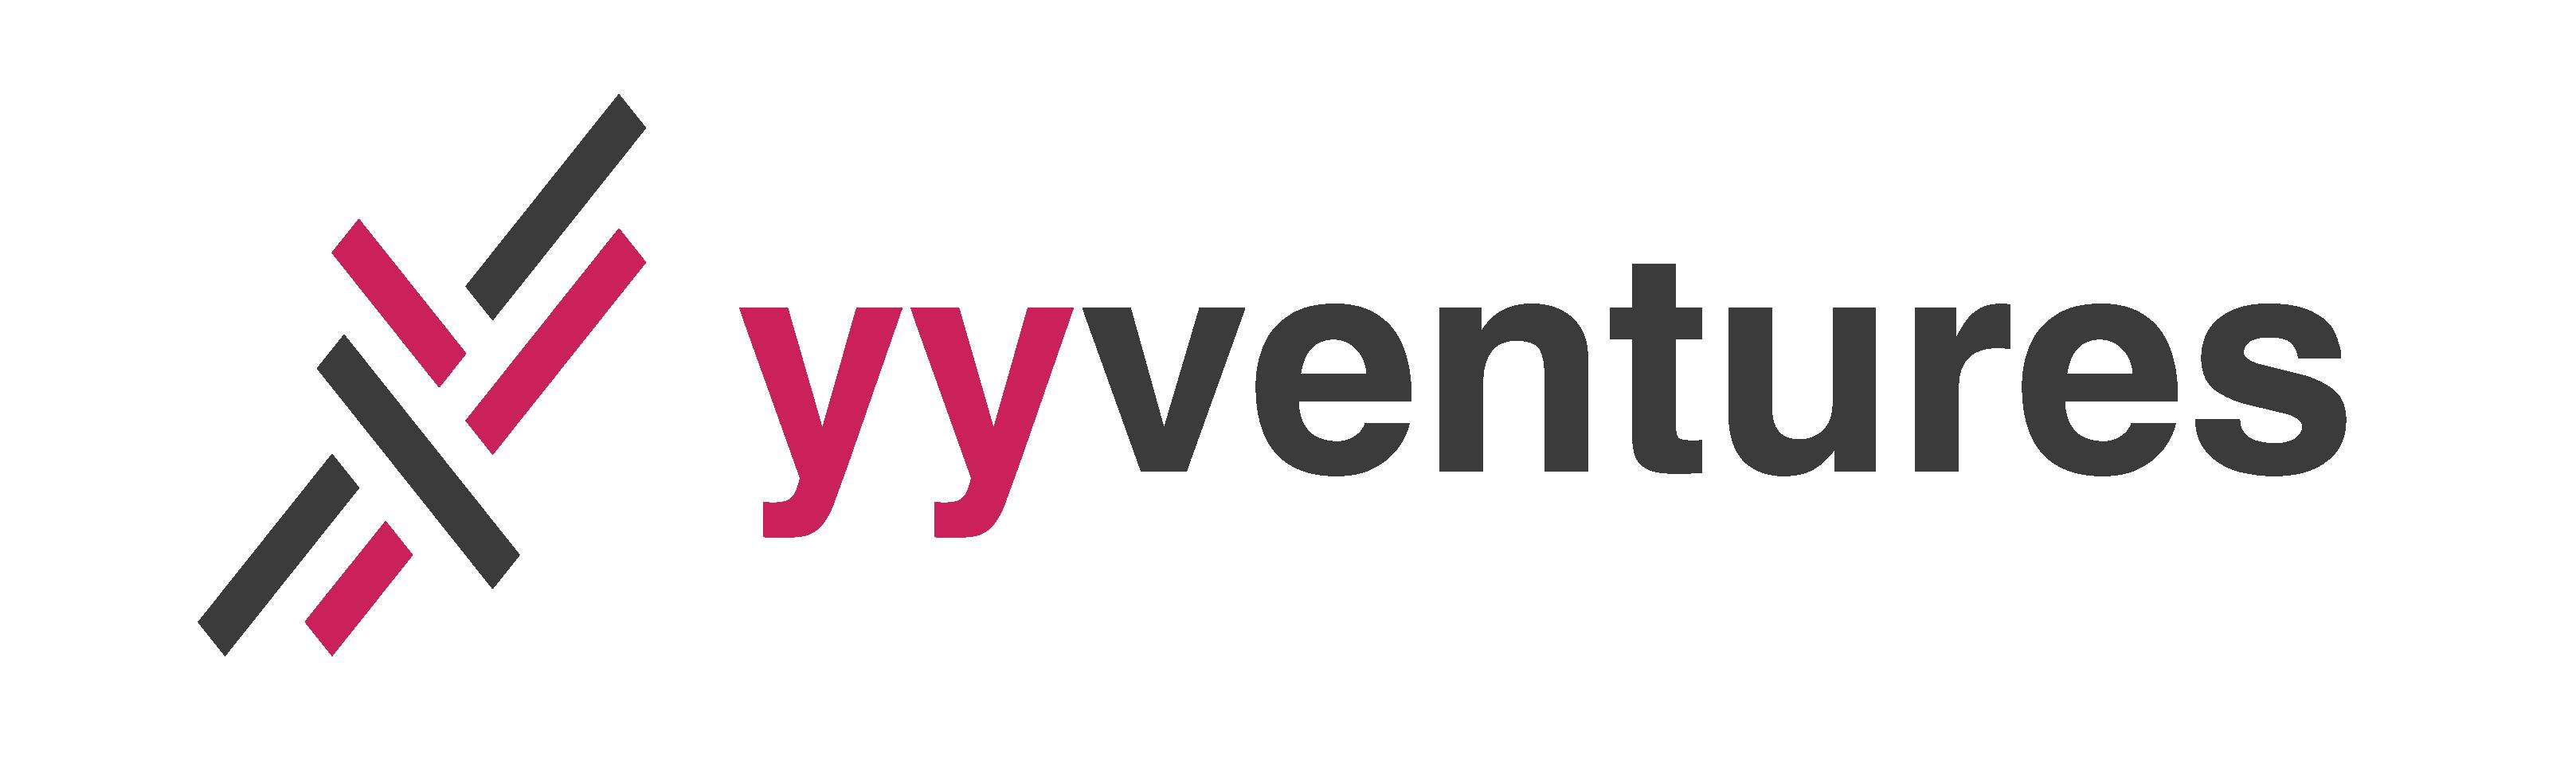 YYventures